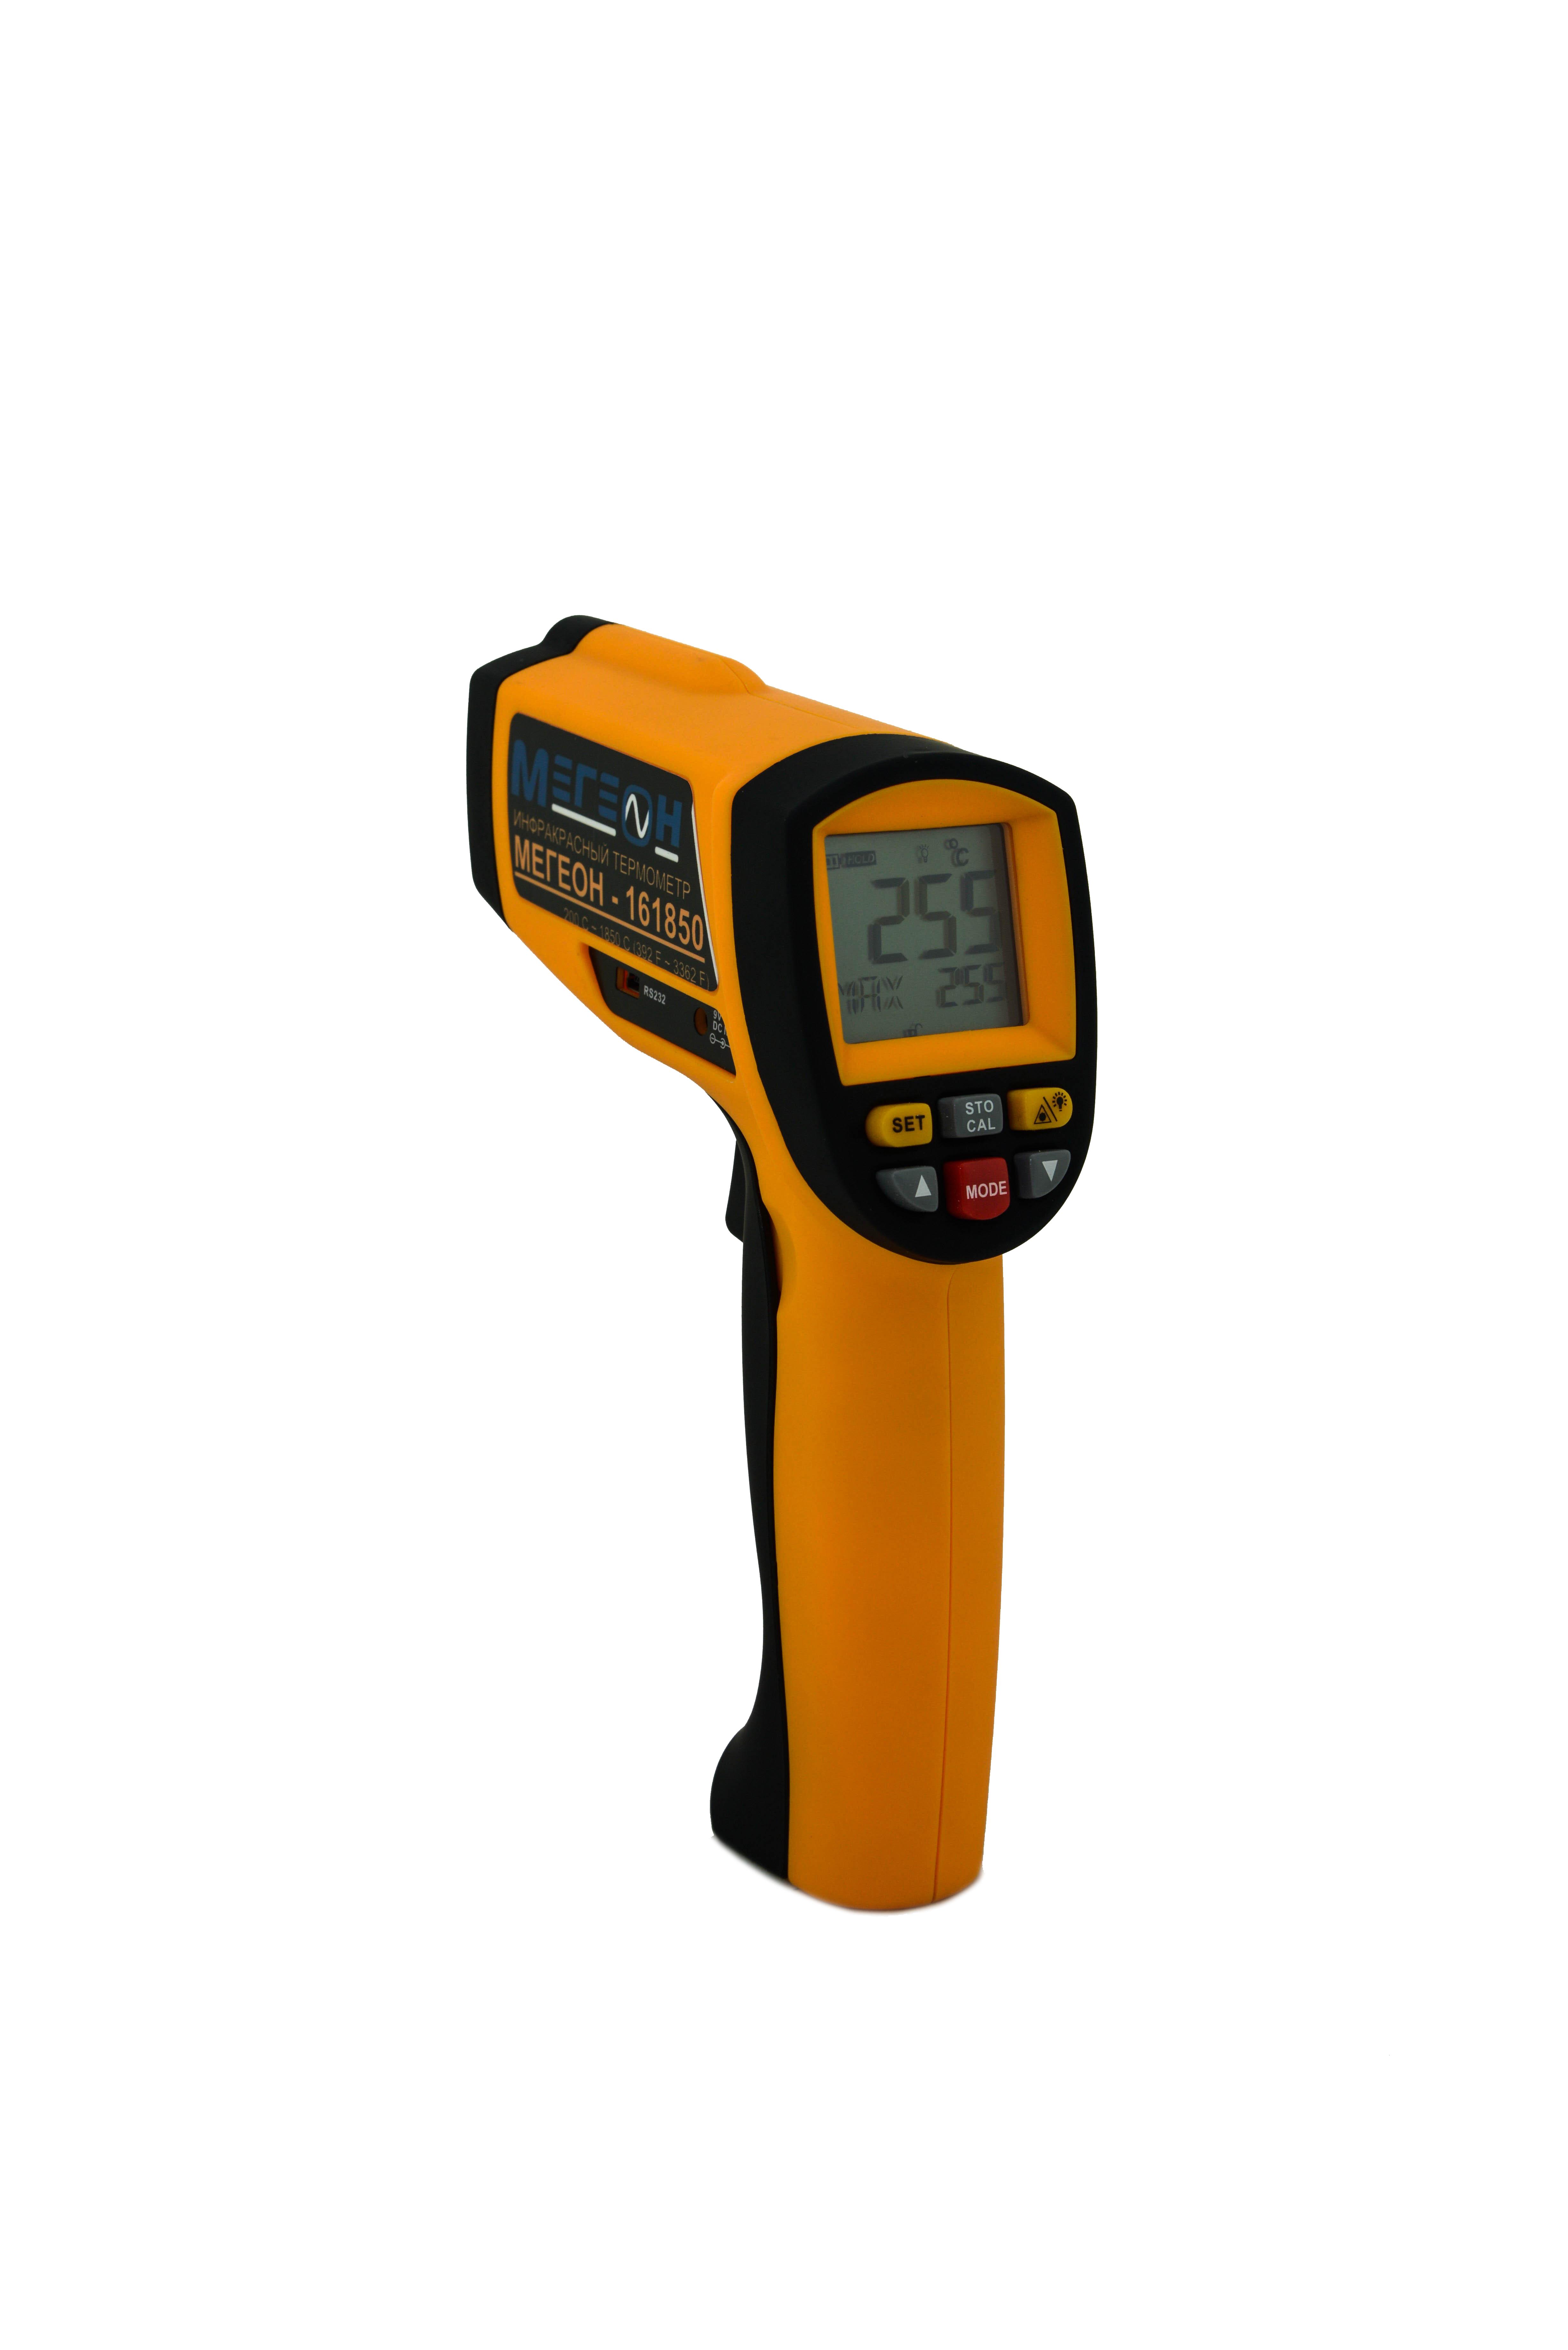 Пирометр (термодетектор) МЕГЕОН 161850